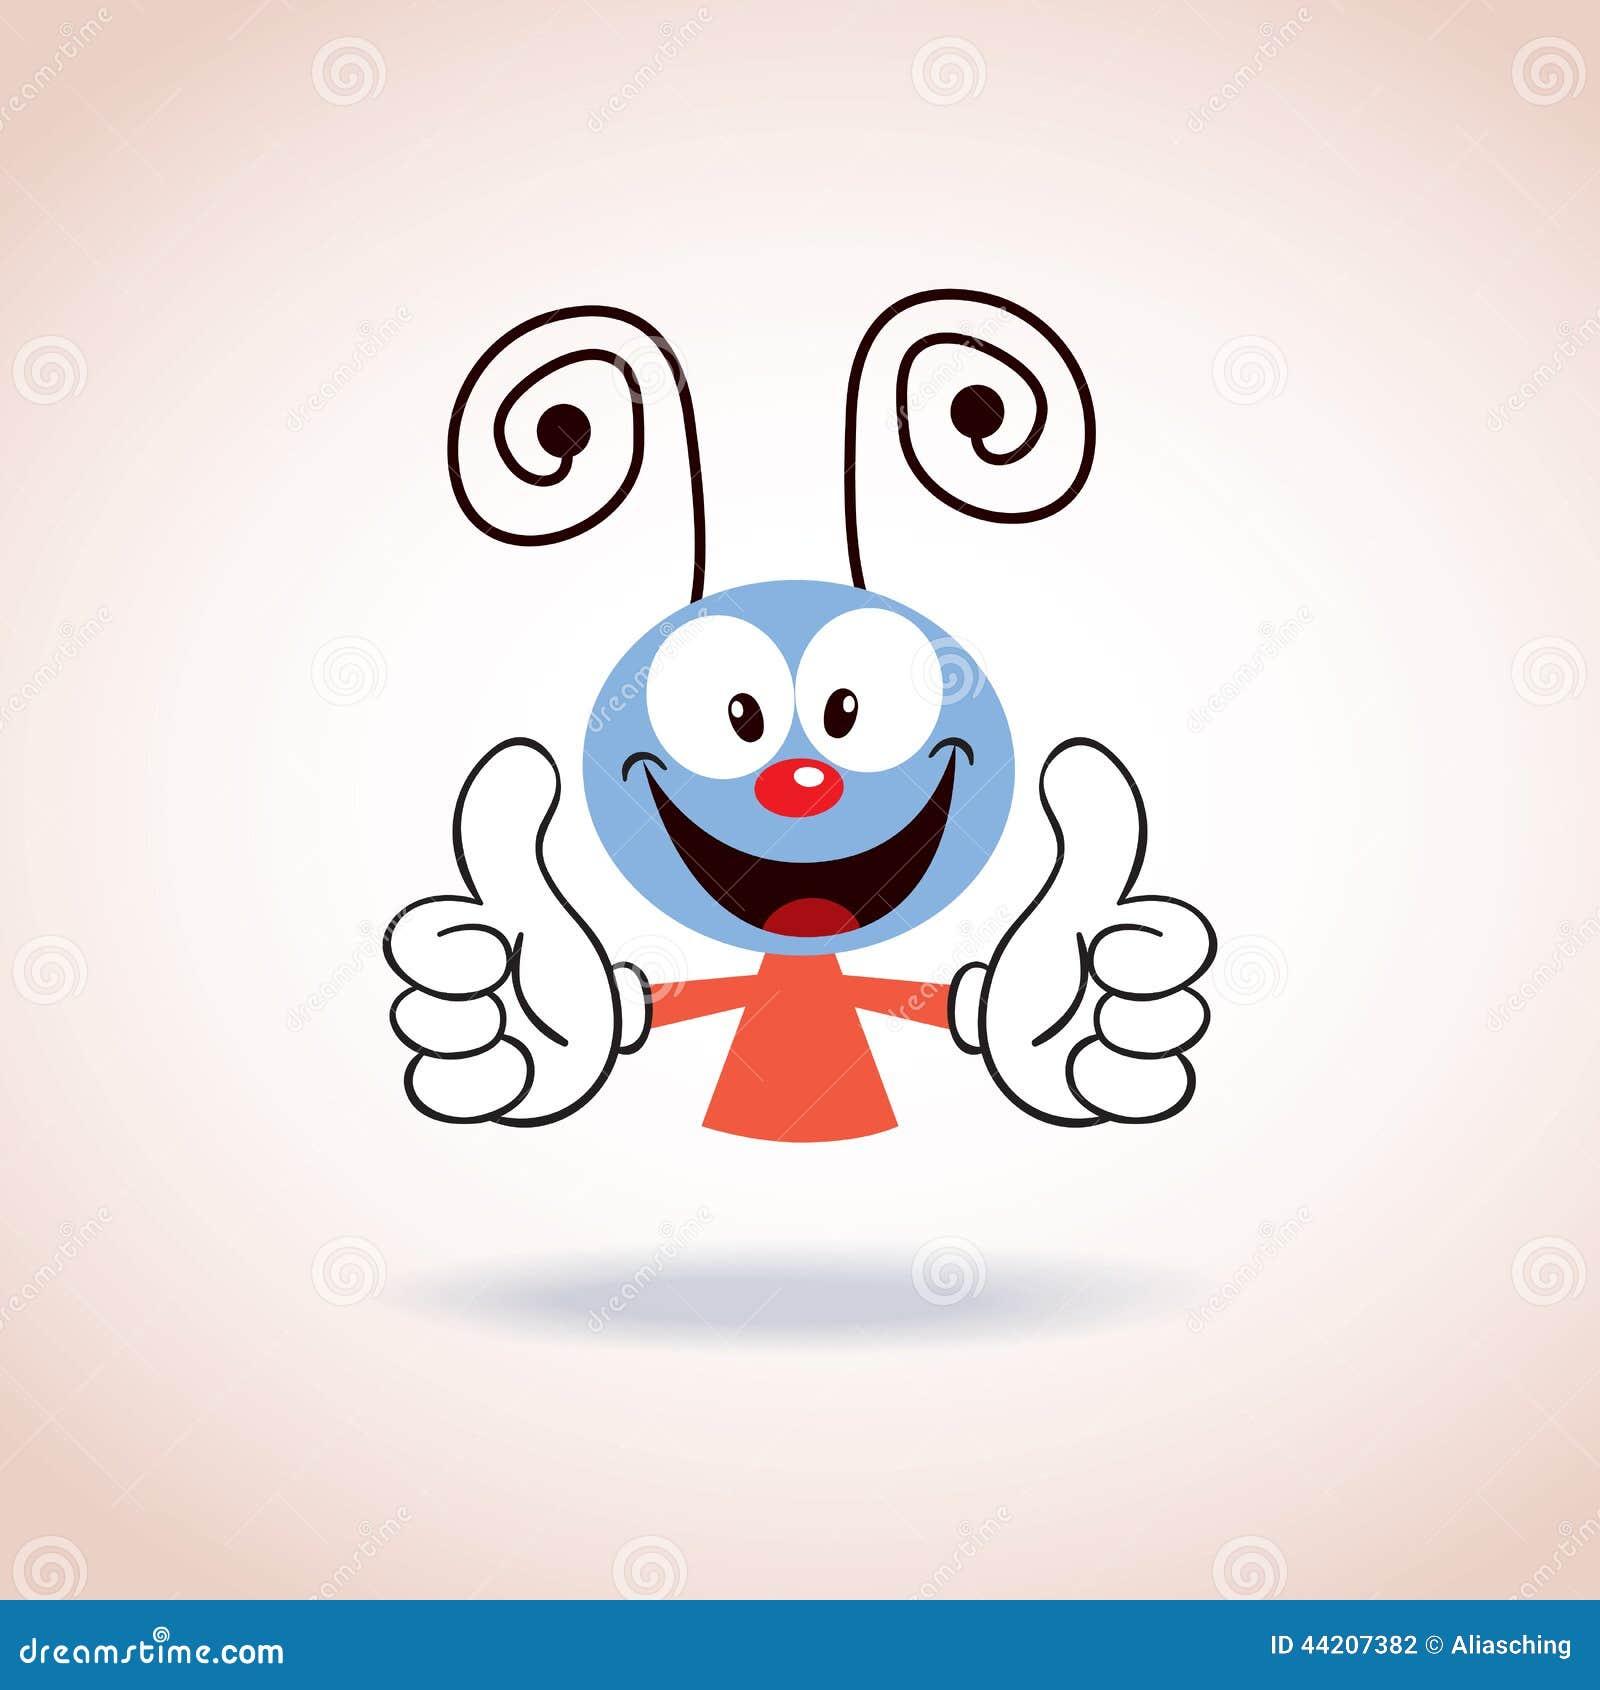 Stock Vector: Cute mascot cartoon character